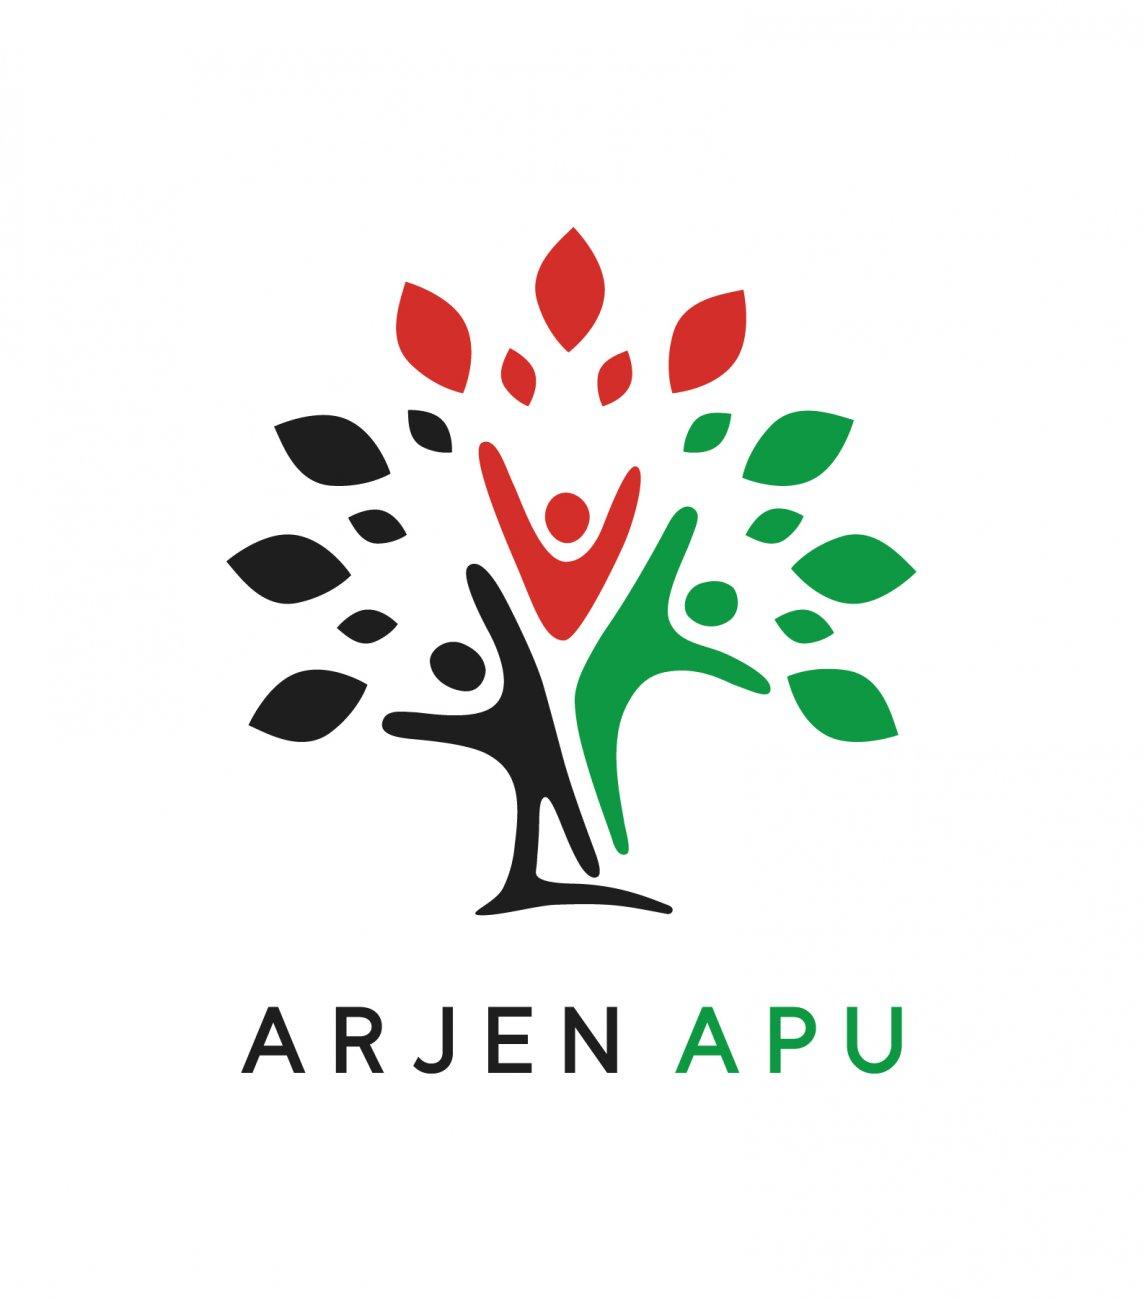 Arjen Apu